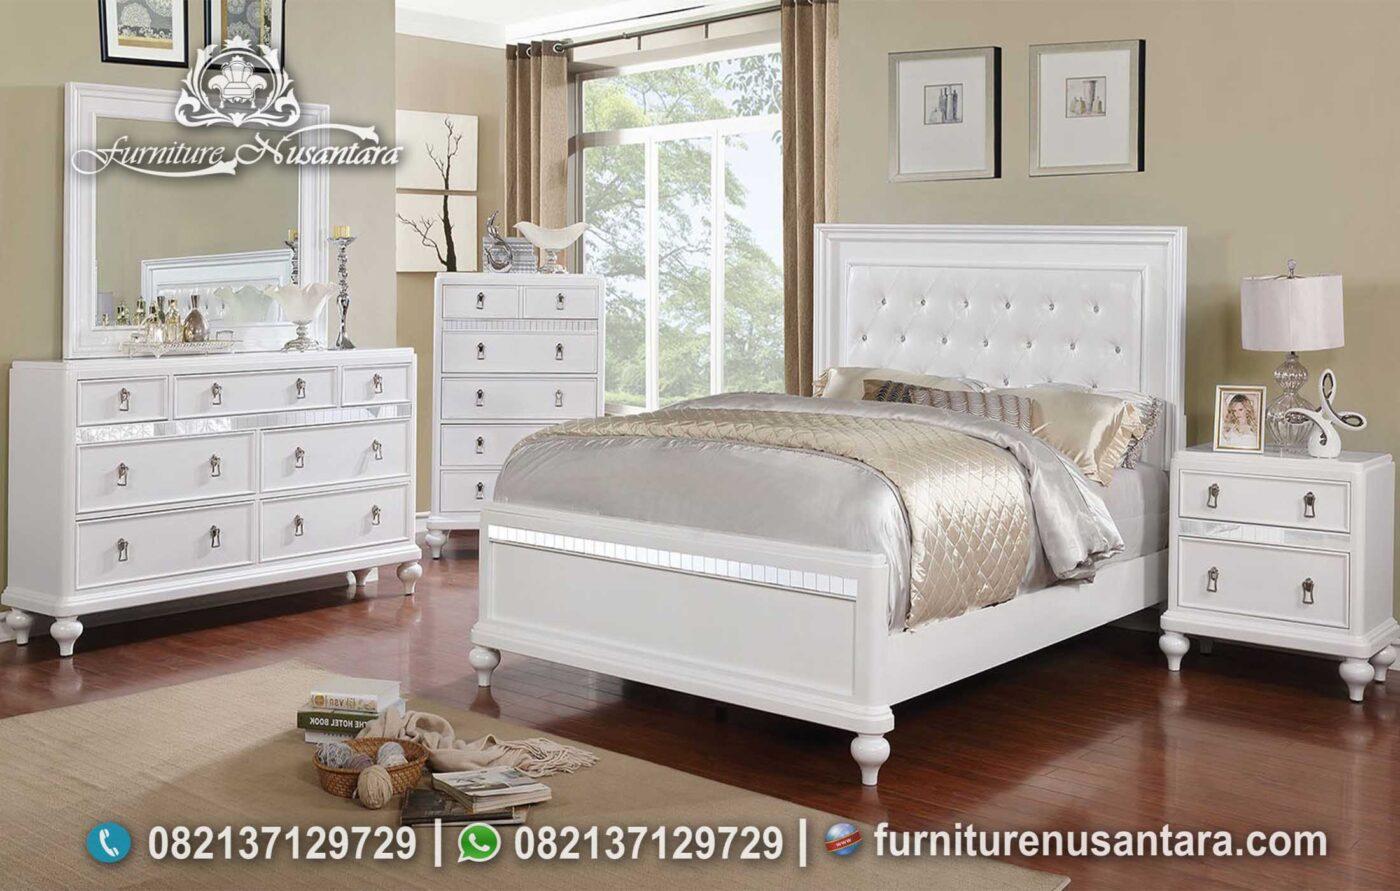 Jual Tempat Tidur Minimalis Kayu Solid Putih KS-220, Furniture Nusantara